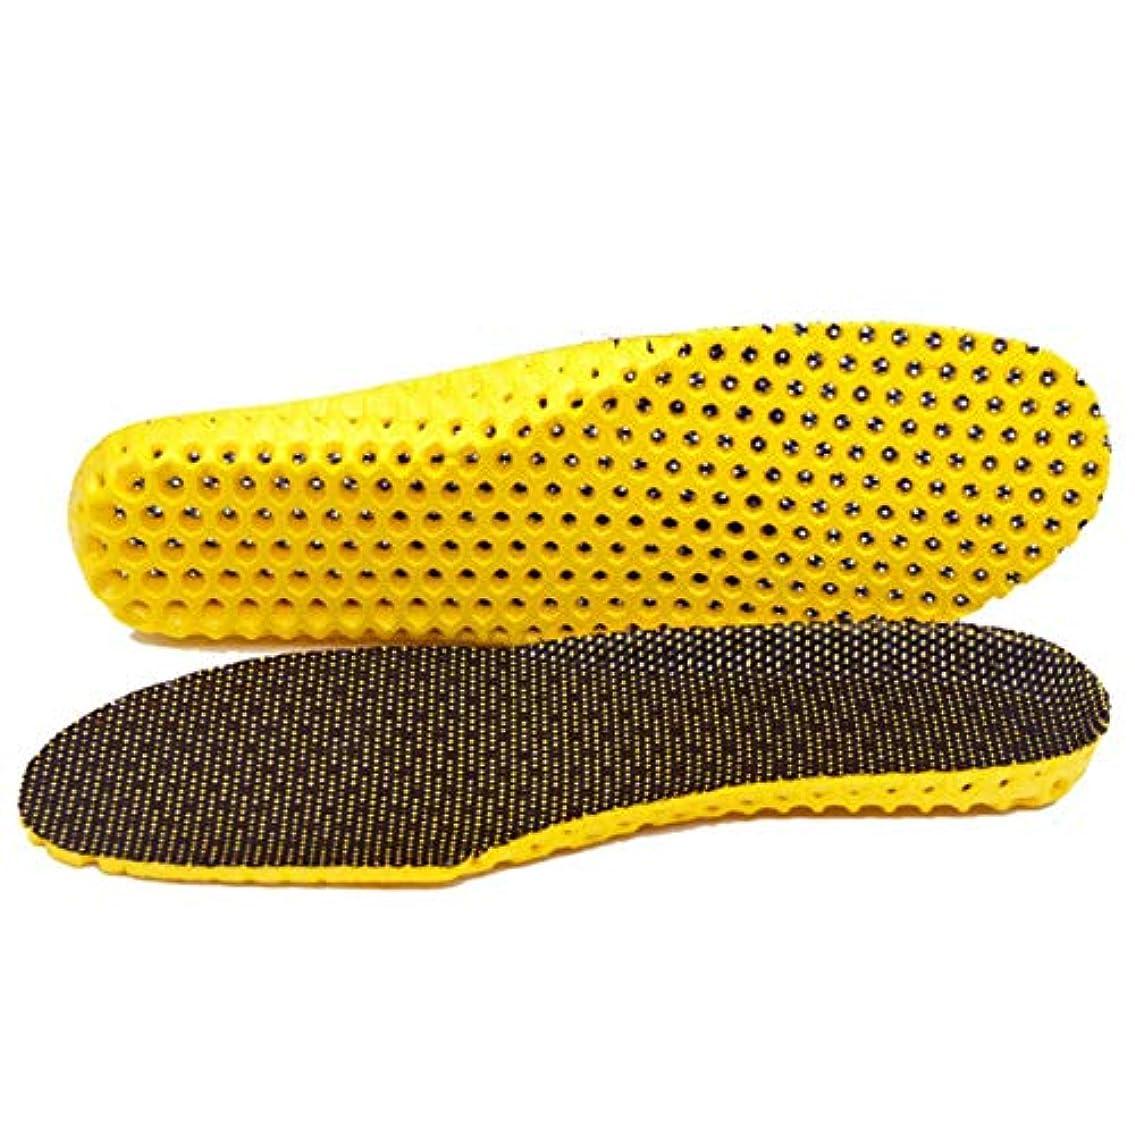 周り受け皿公平DeeploveUU スポーツインソール女性男性靴パッドシリコーンダンピングソフトインソール通気性吸収汗登山靴インサート